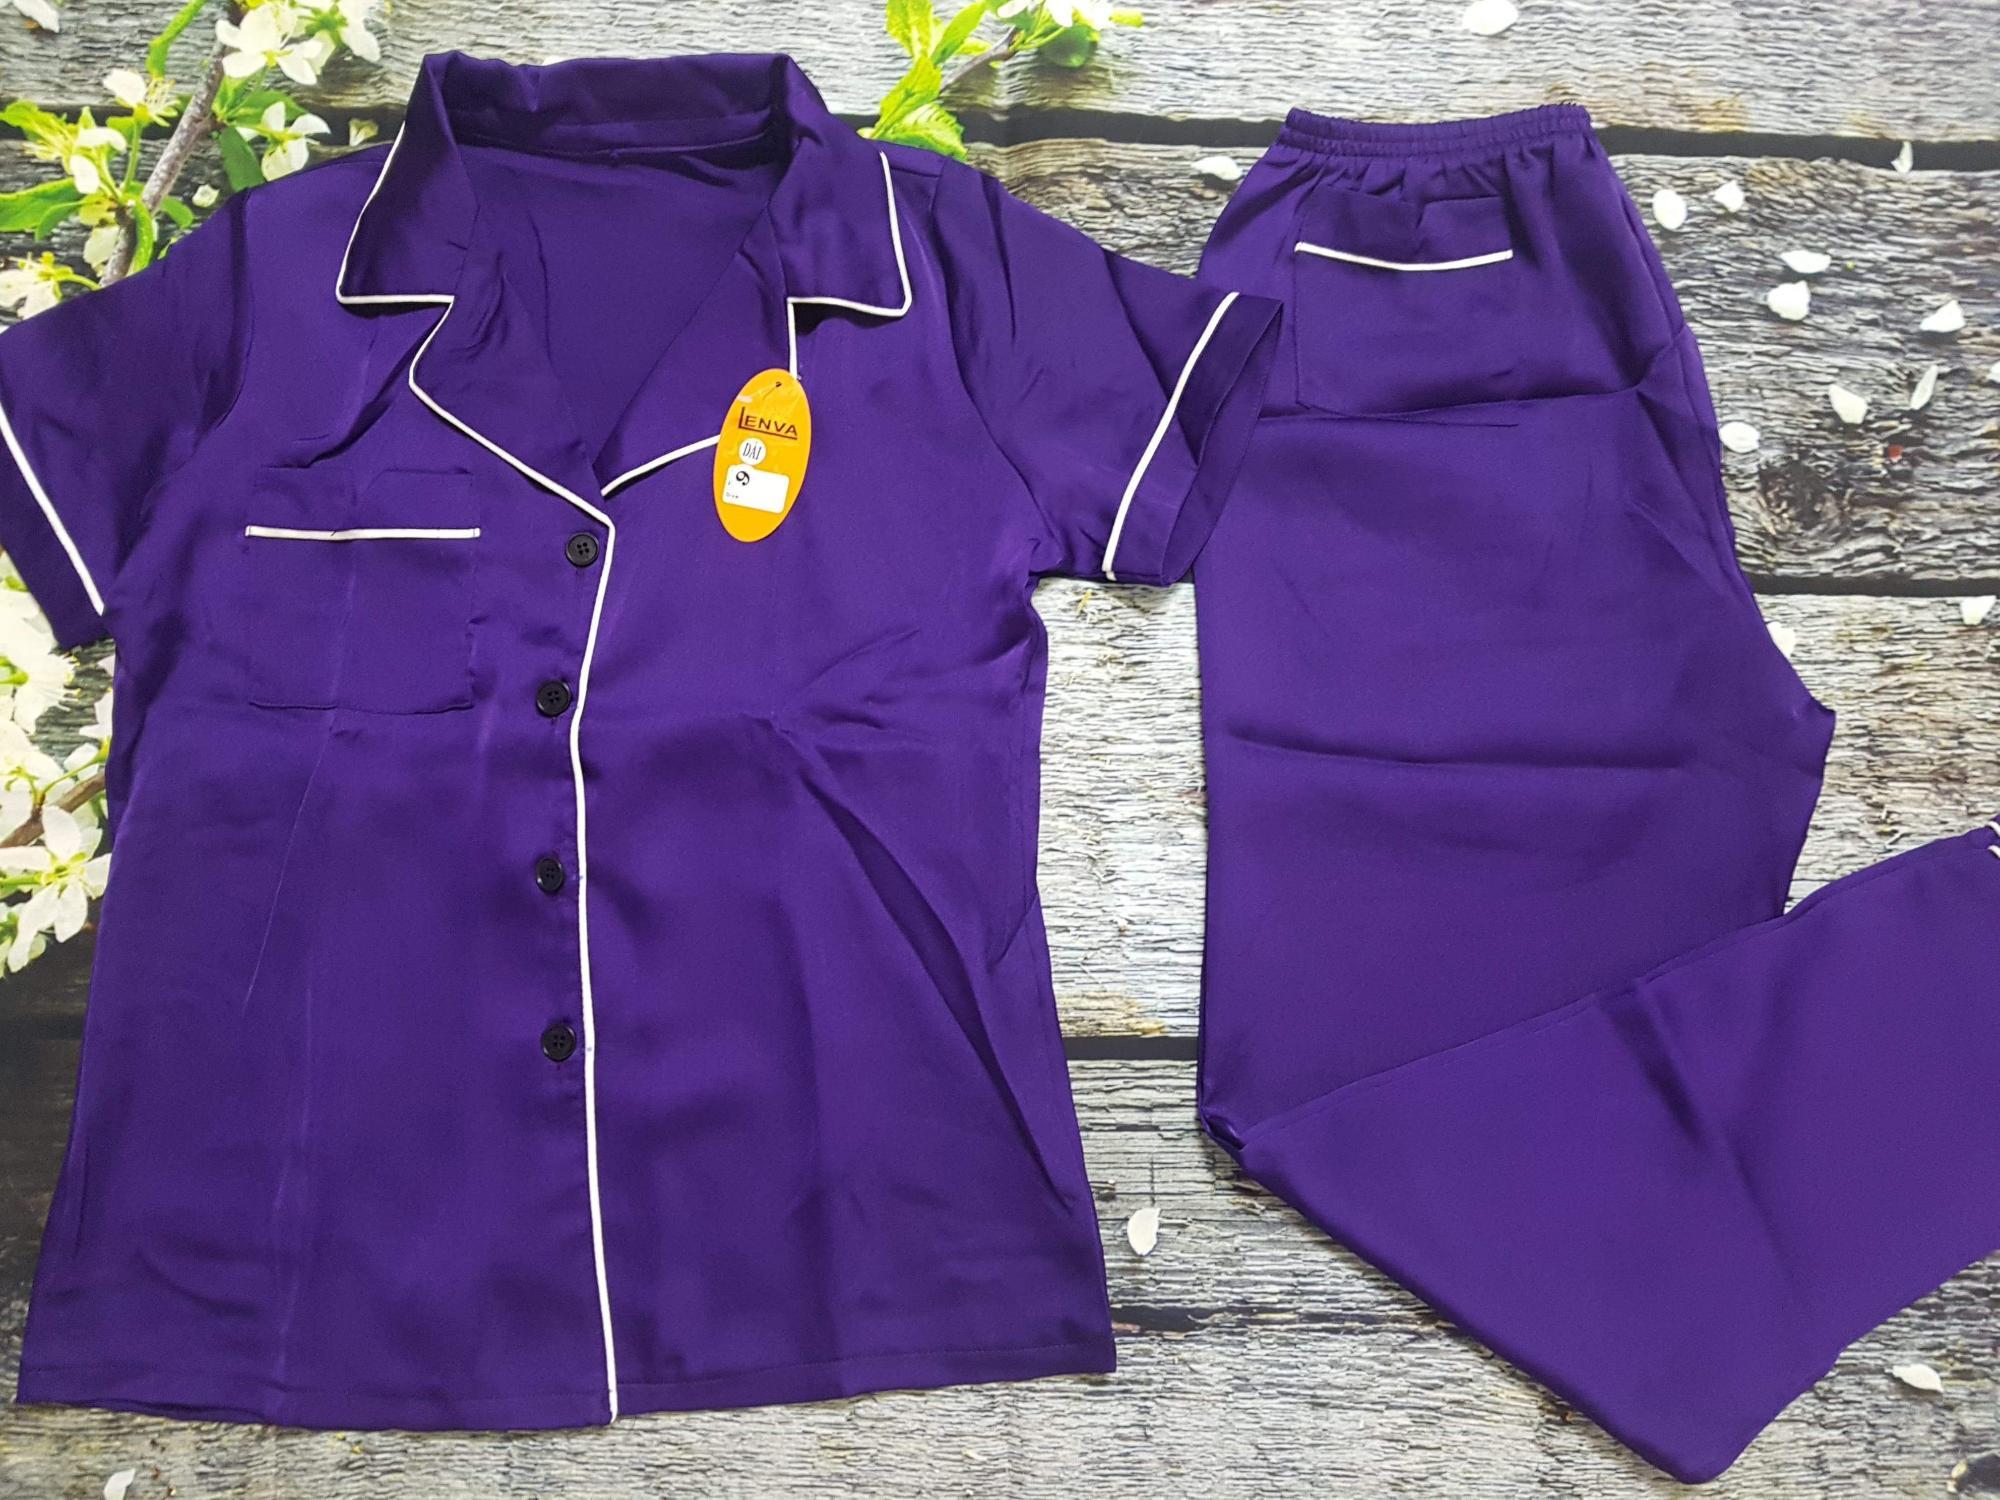 Ôn Tập Cửa Hàng Pijama Satin Lụa Dai Tay Ngắn Cao Cấp Cho Nữ 45 55Kg Trực Tuyến